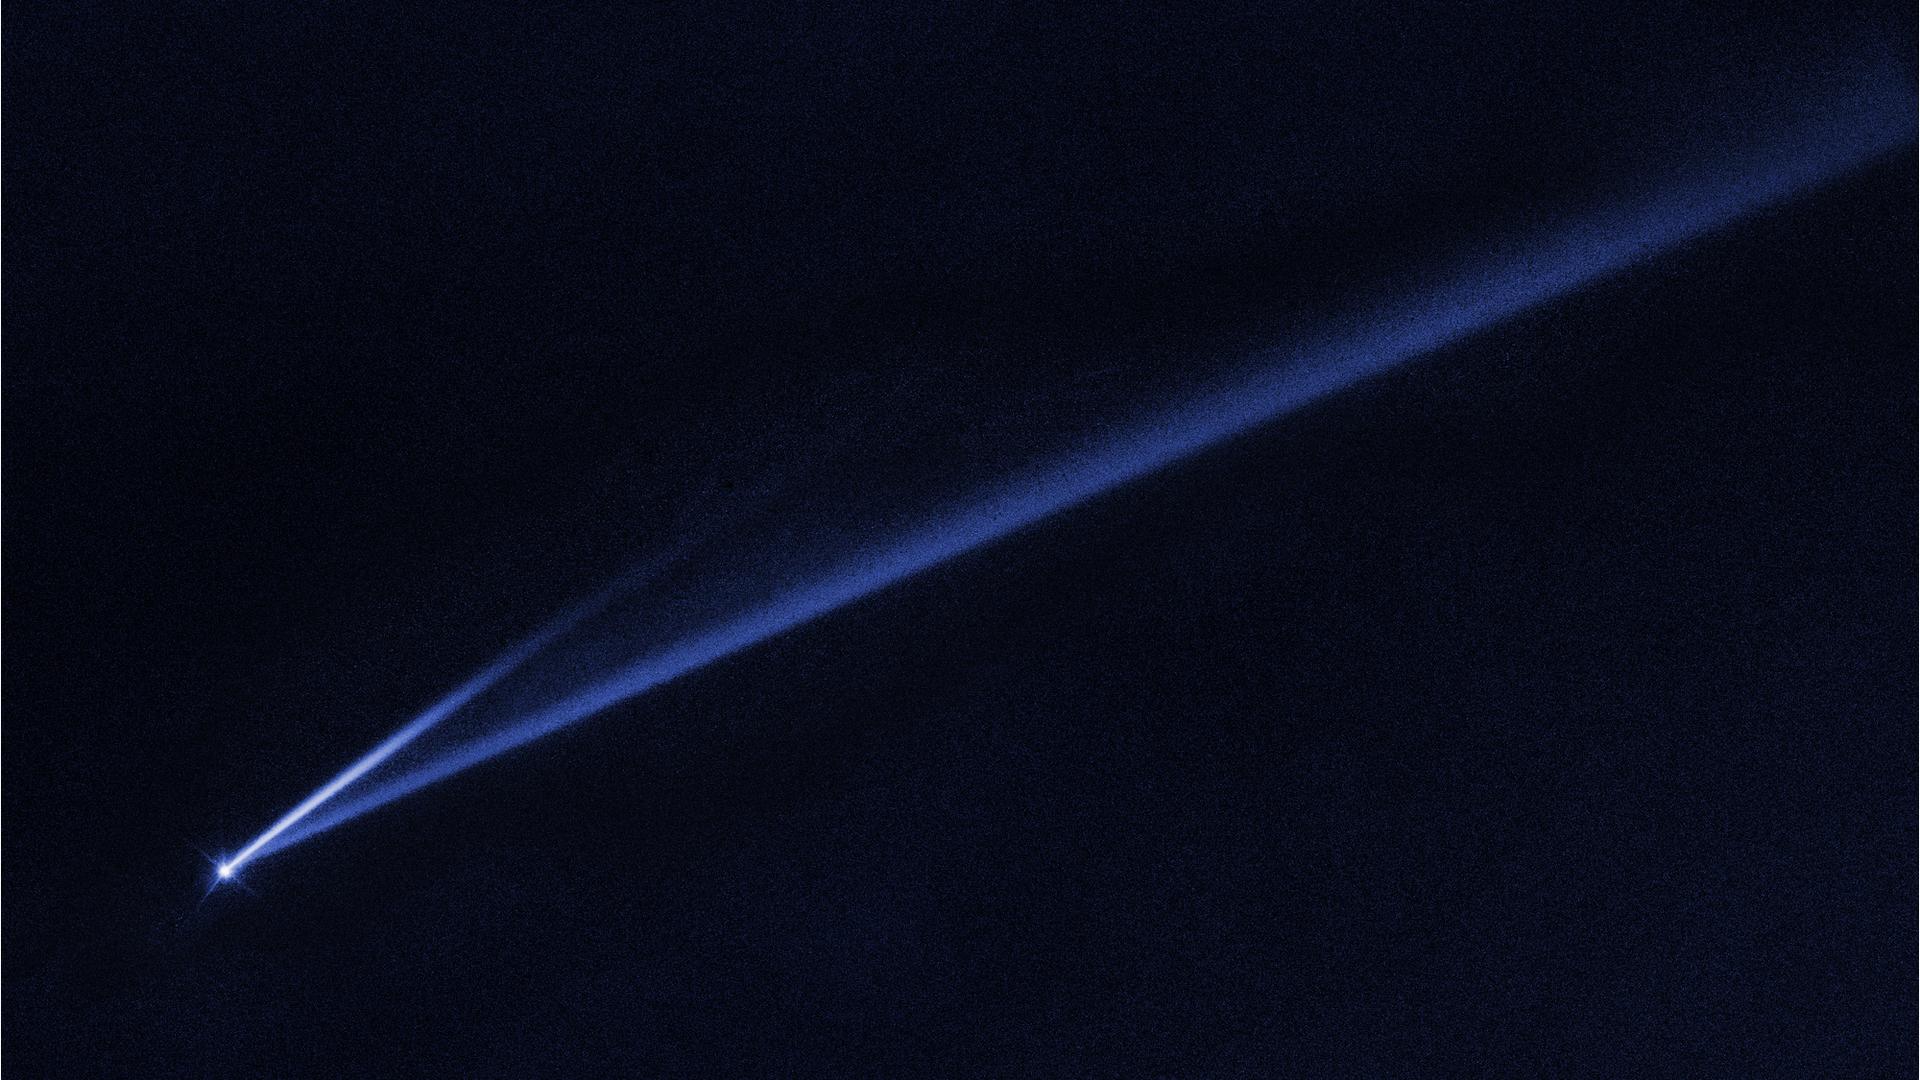 Земле грозит столкновение с астероидом 2 ноября